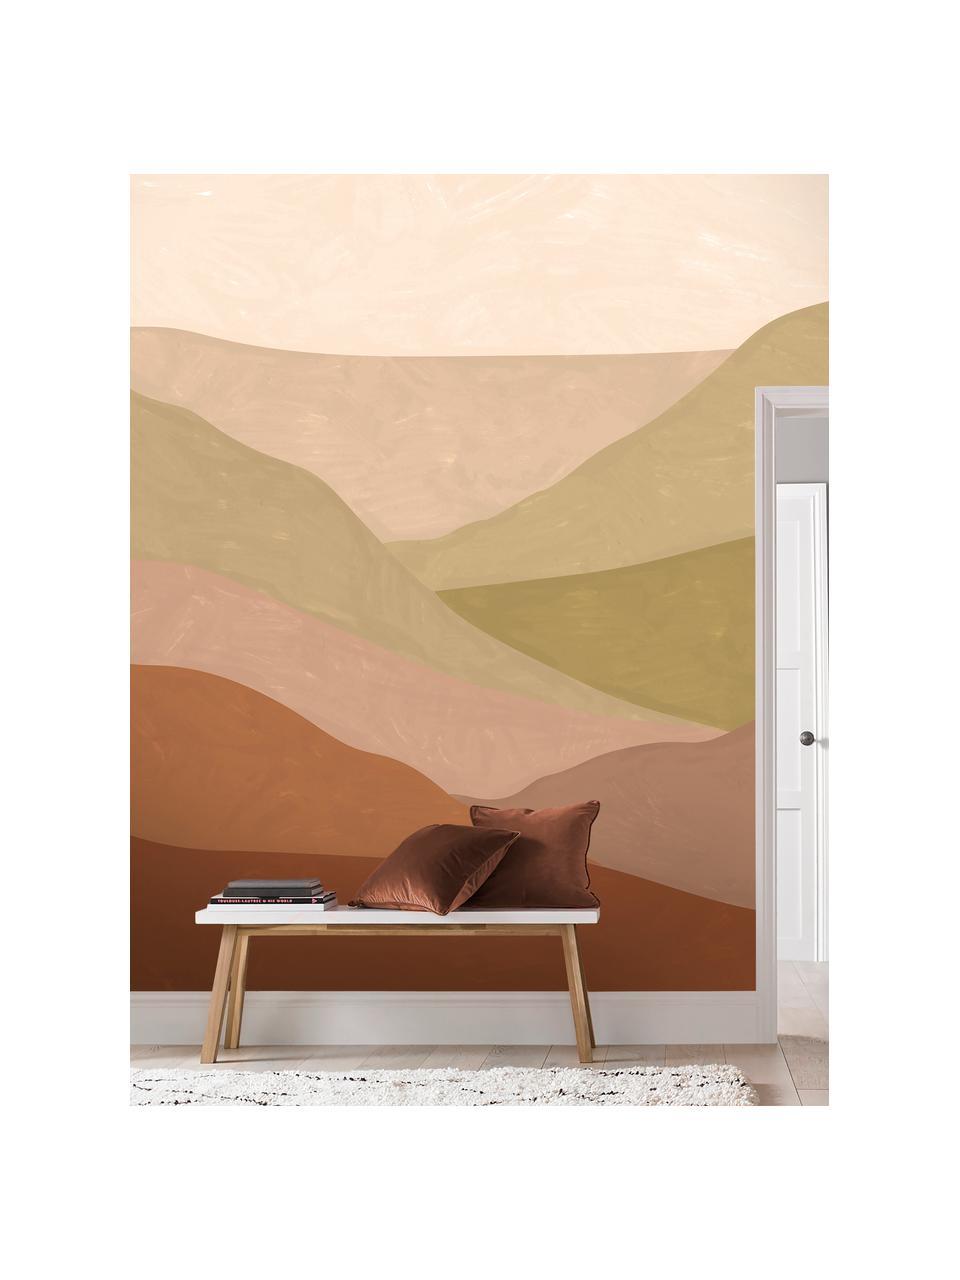 Adesivo murale Desert Landscape, Tessuto non tessuto, Tonalità marroni e beige, Larg. 300 x Alt. 280 cm